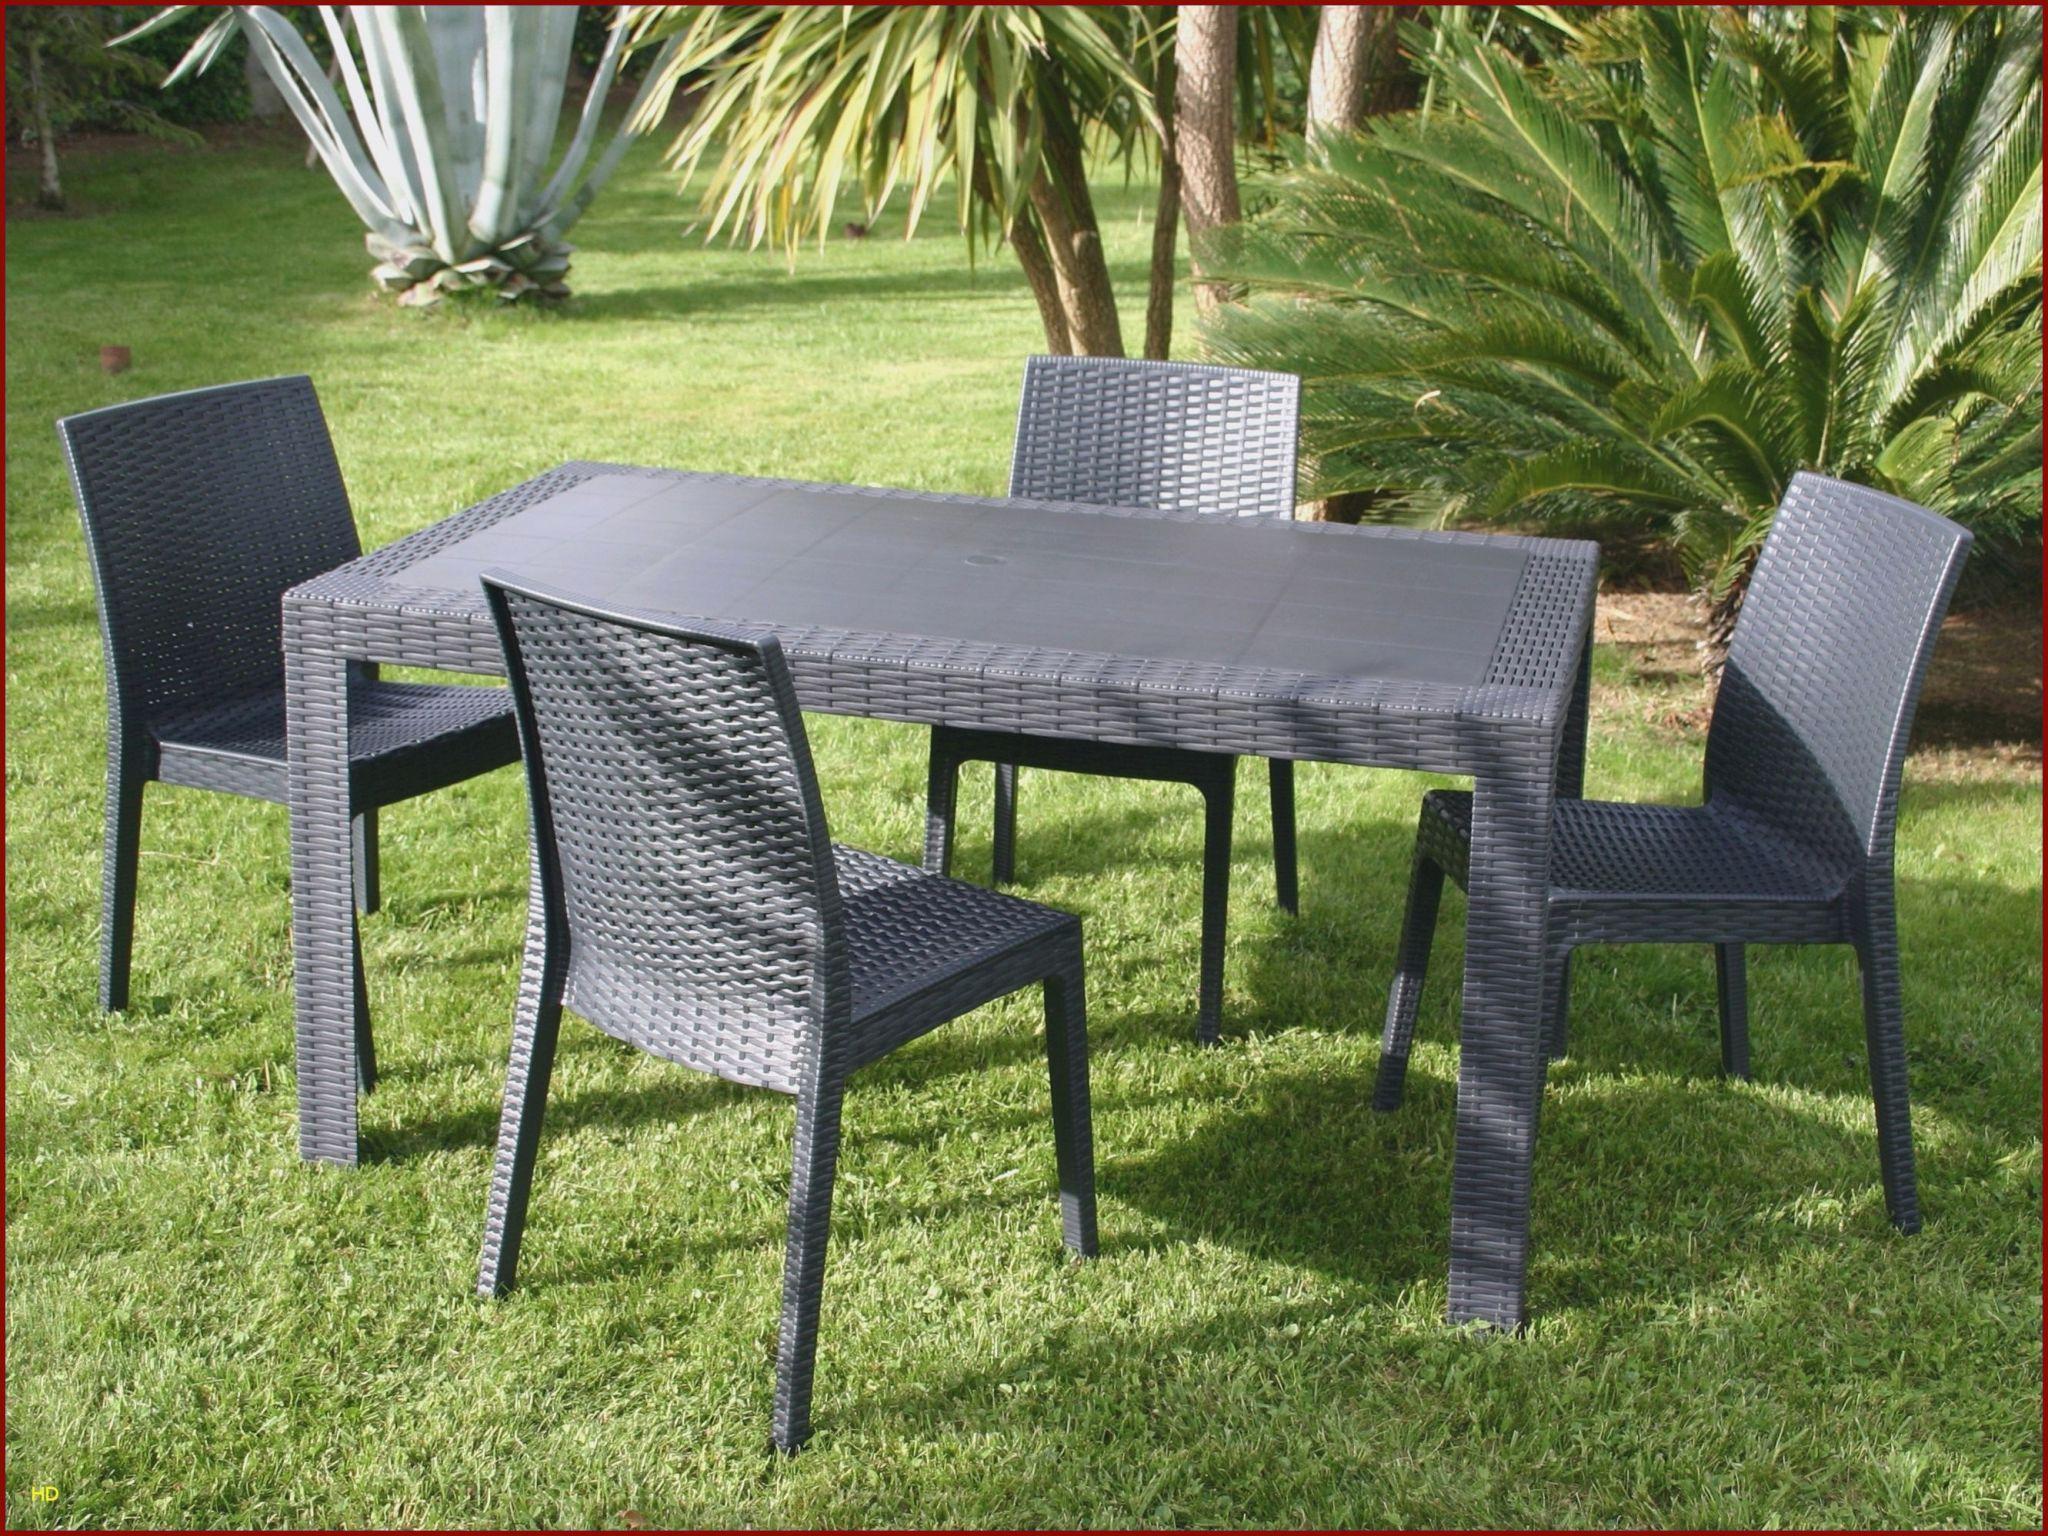 salon de jardin leclerc catalogue 2017 le meilleur de chaises luxe chaise ice 0d table jardin resine lovely leclerc chaise of salon de jardin leclerc catalogue 2017